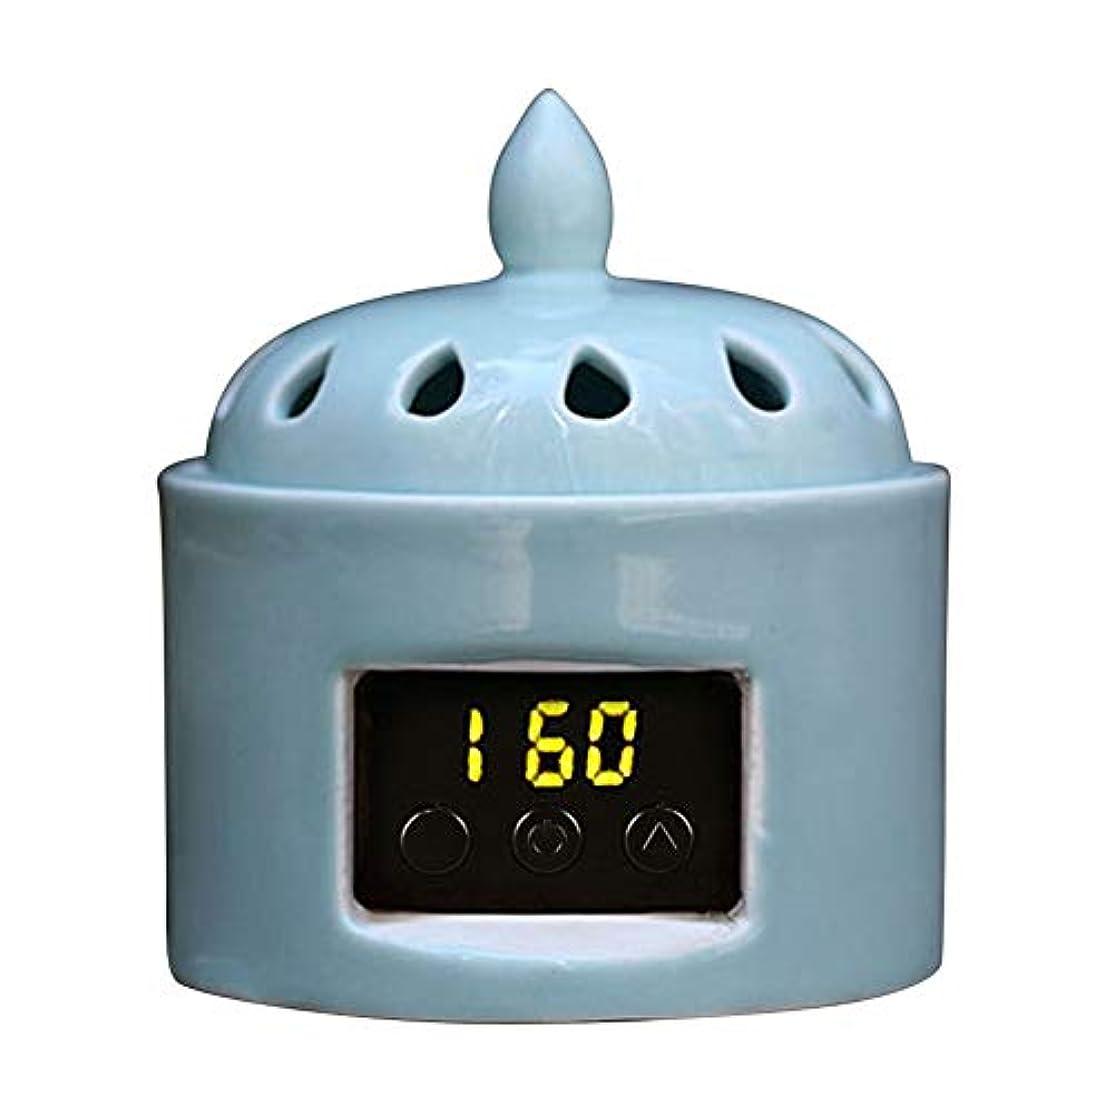 糸お願いします合図アロマディフューザー LCD温度制御 香炉、 電気セラミック 寒天 エッセンシャルオイル アロマテラピーディフューザー、 ホーム磁器、 バルコニー、 ポーチ、 パティオ、 ガーデンエッセンシャル セラミック電気香炉